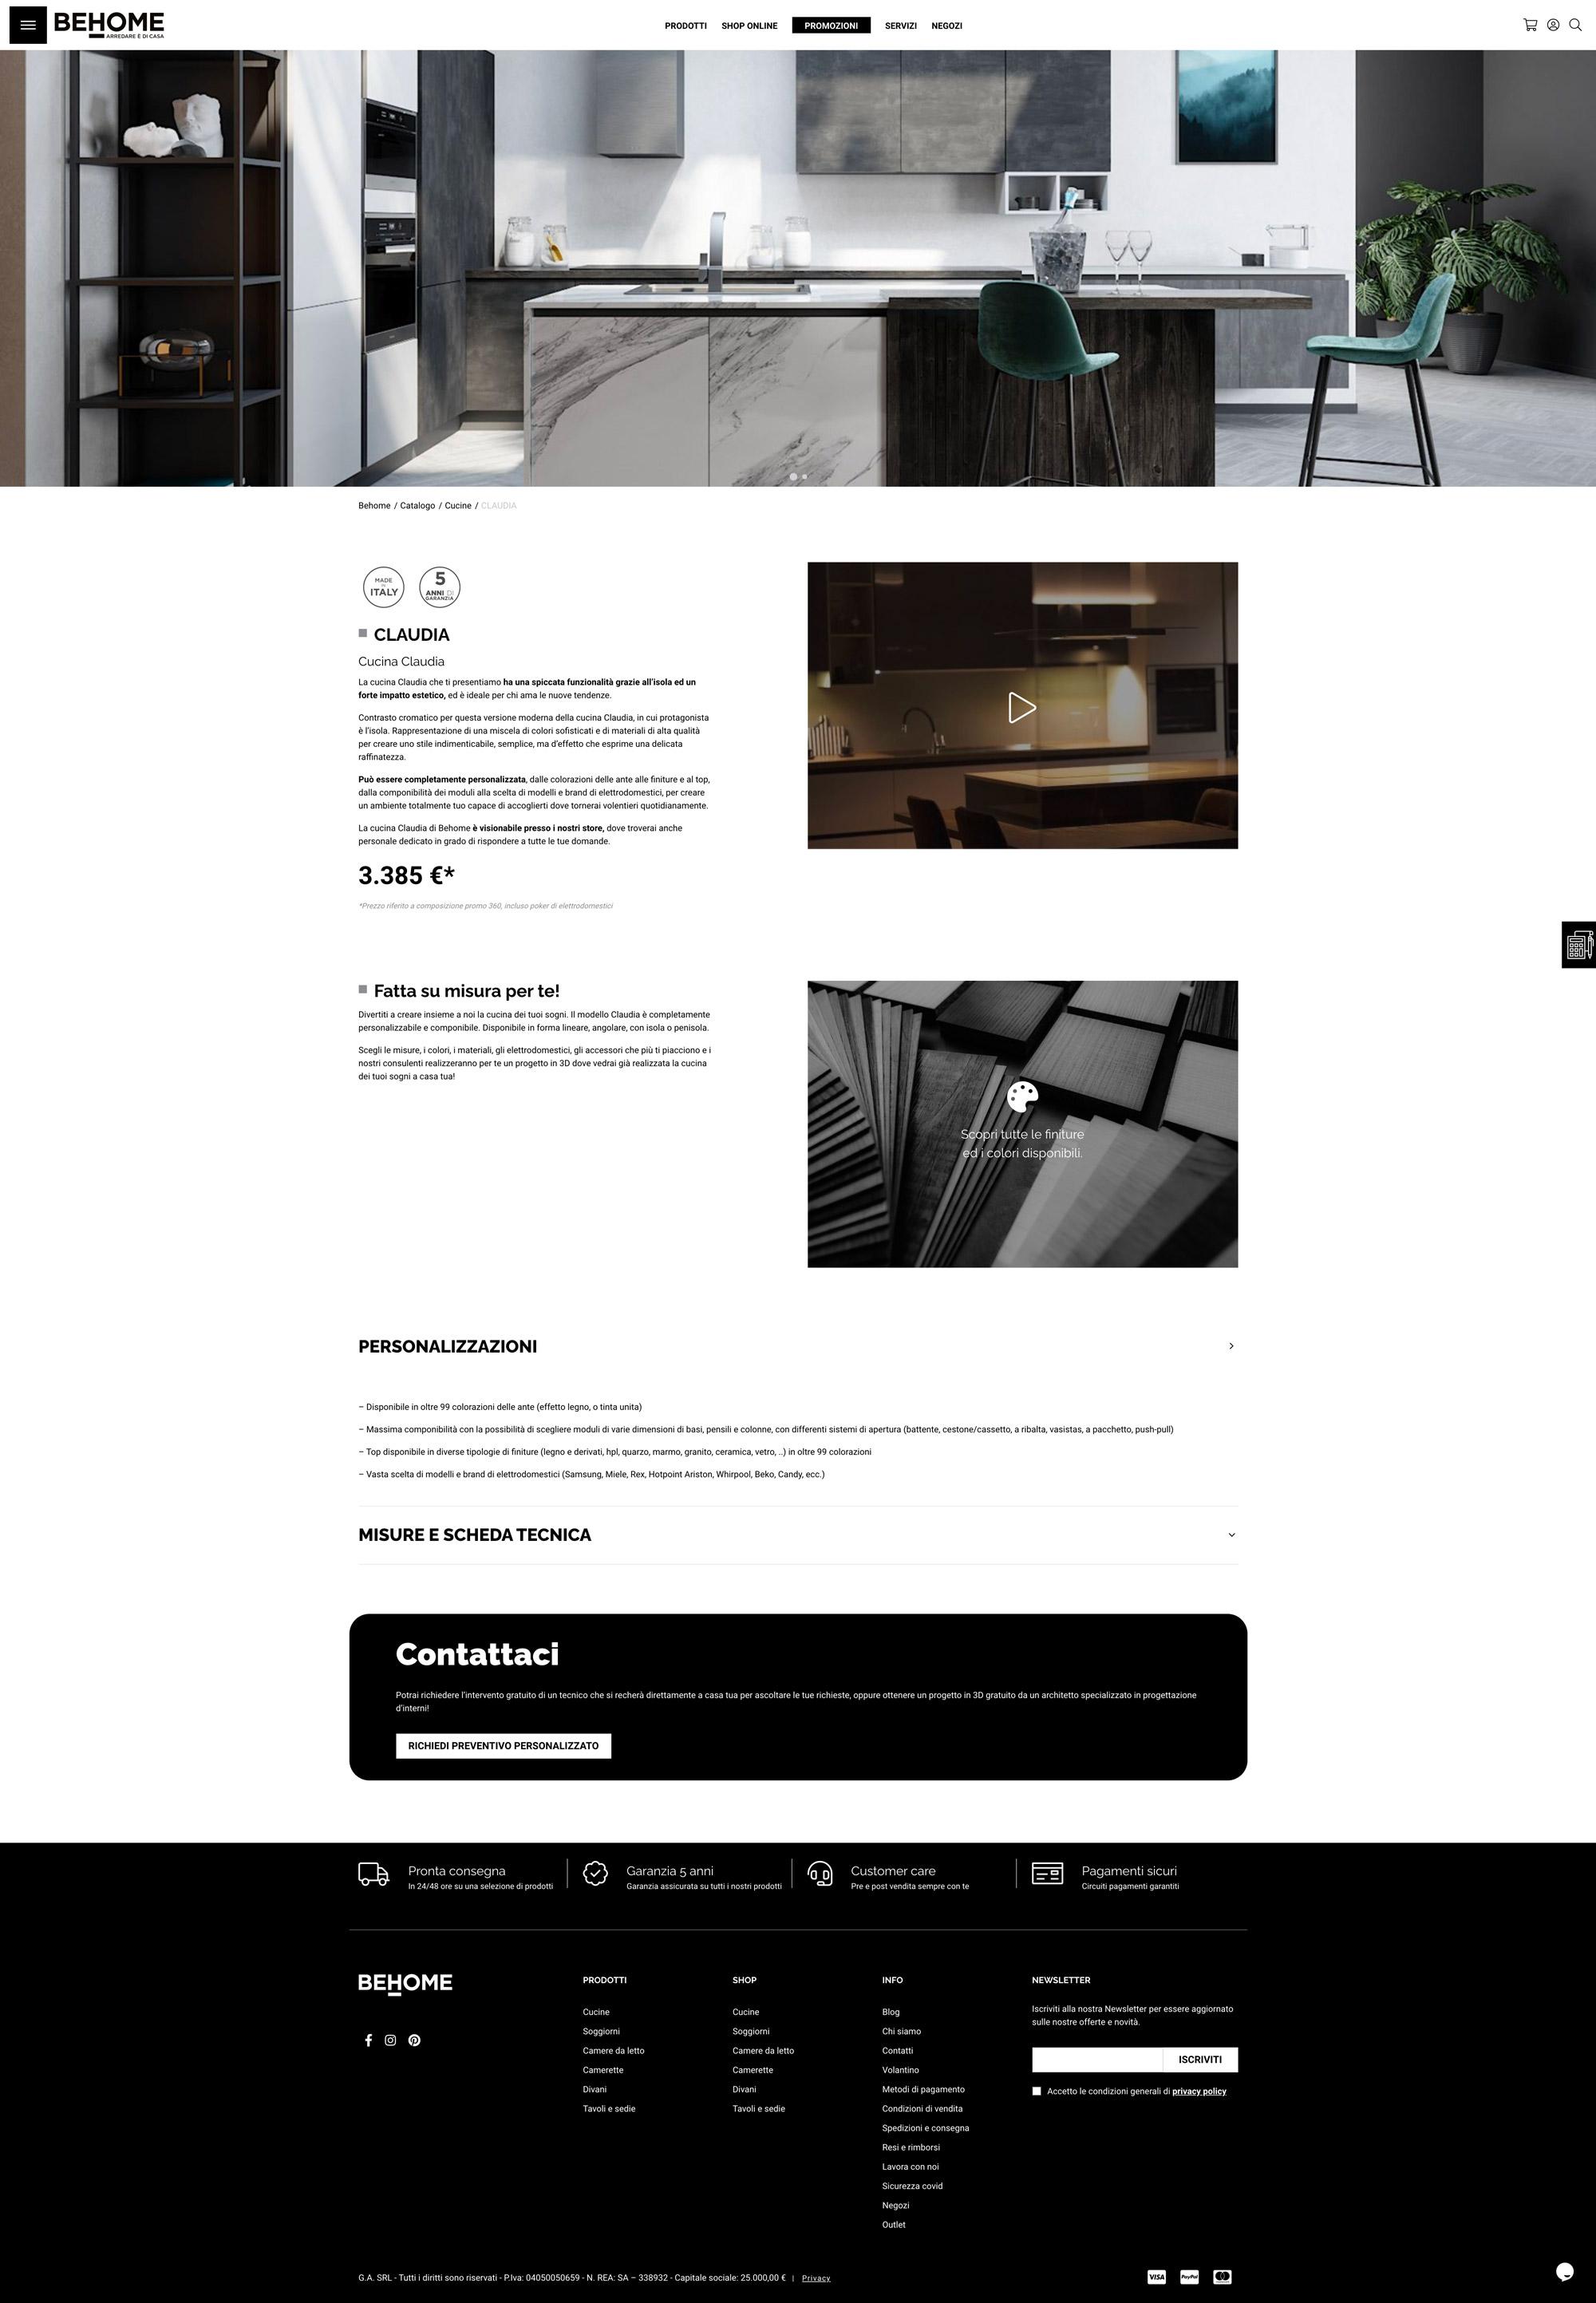 behome_site_homepage_emmemedia-3